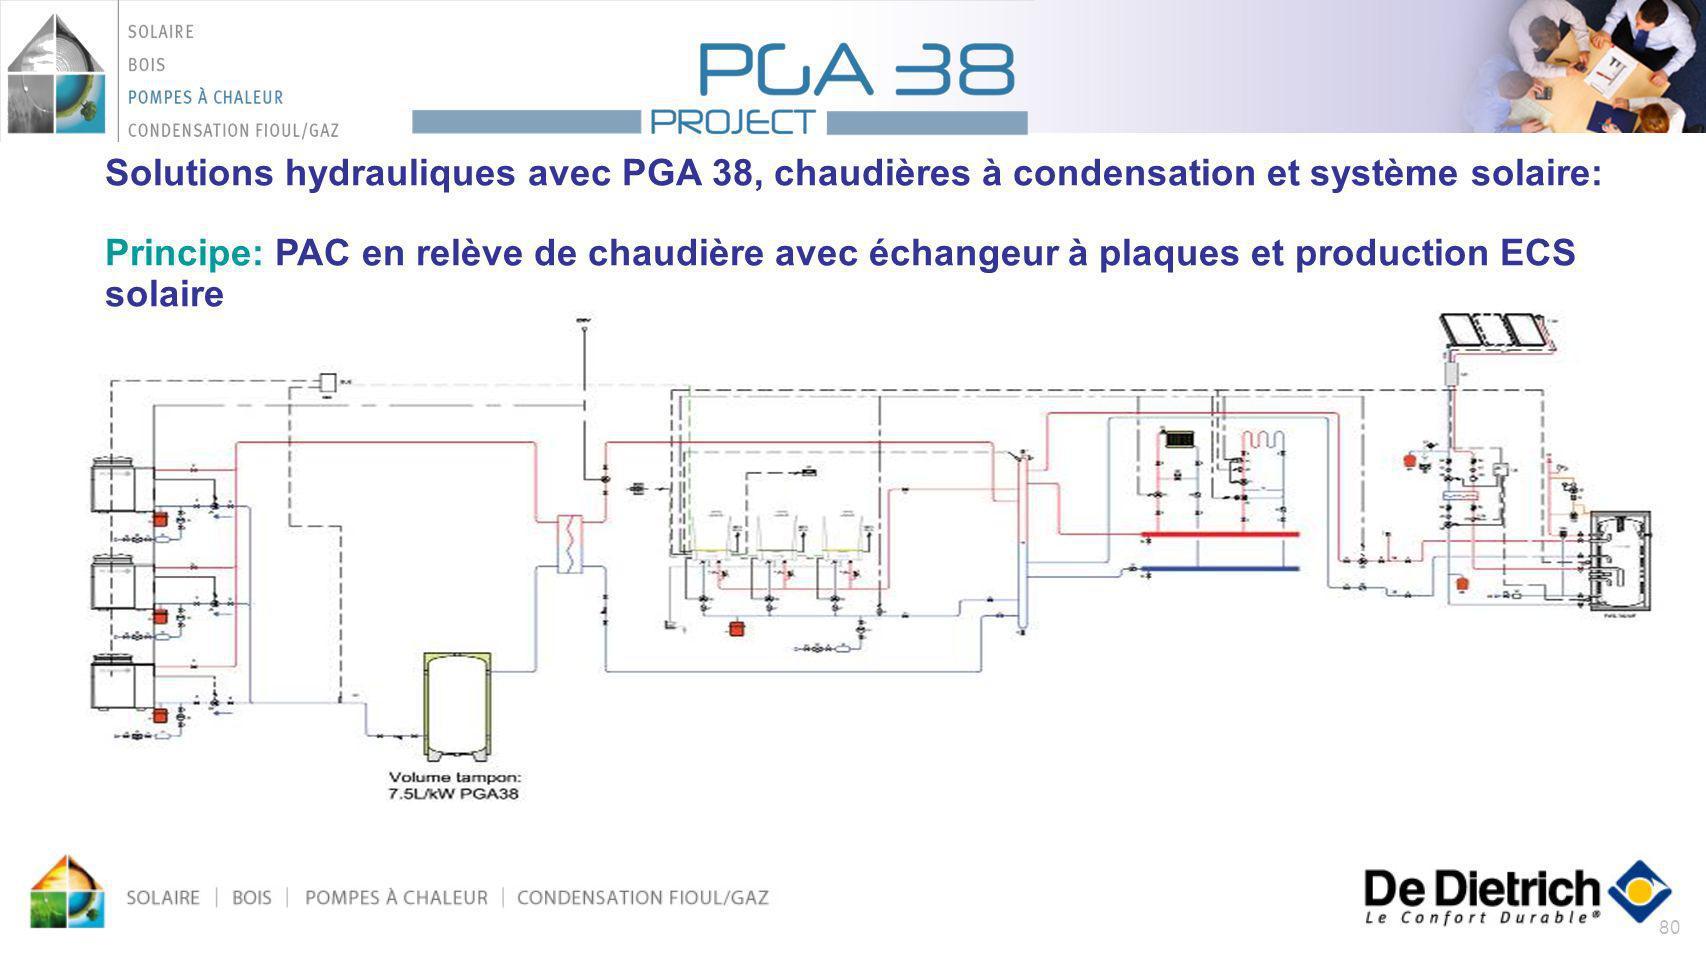 Solutions hydrauliques avec PGA 38, chaudières à condensation et système solaire: Principe: PAC en relève de chaudière avec échangeur à plaques et production ECS solaire